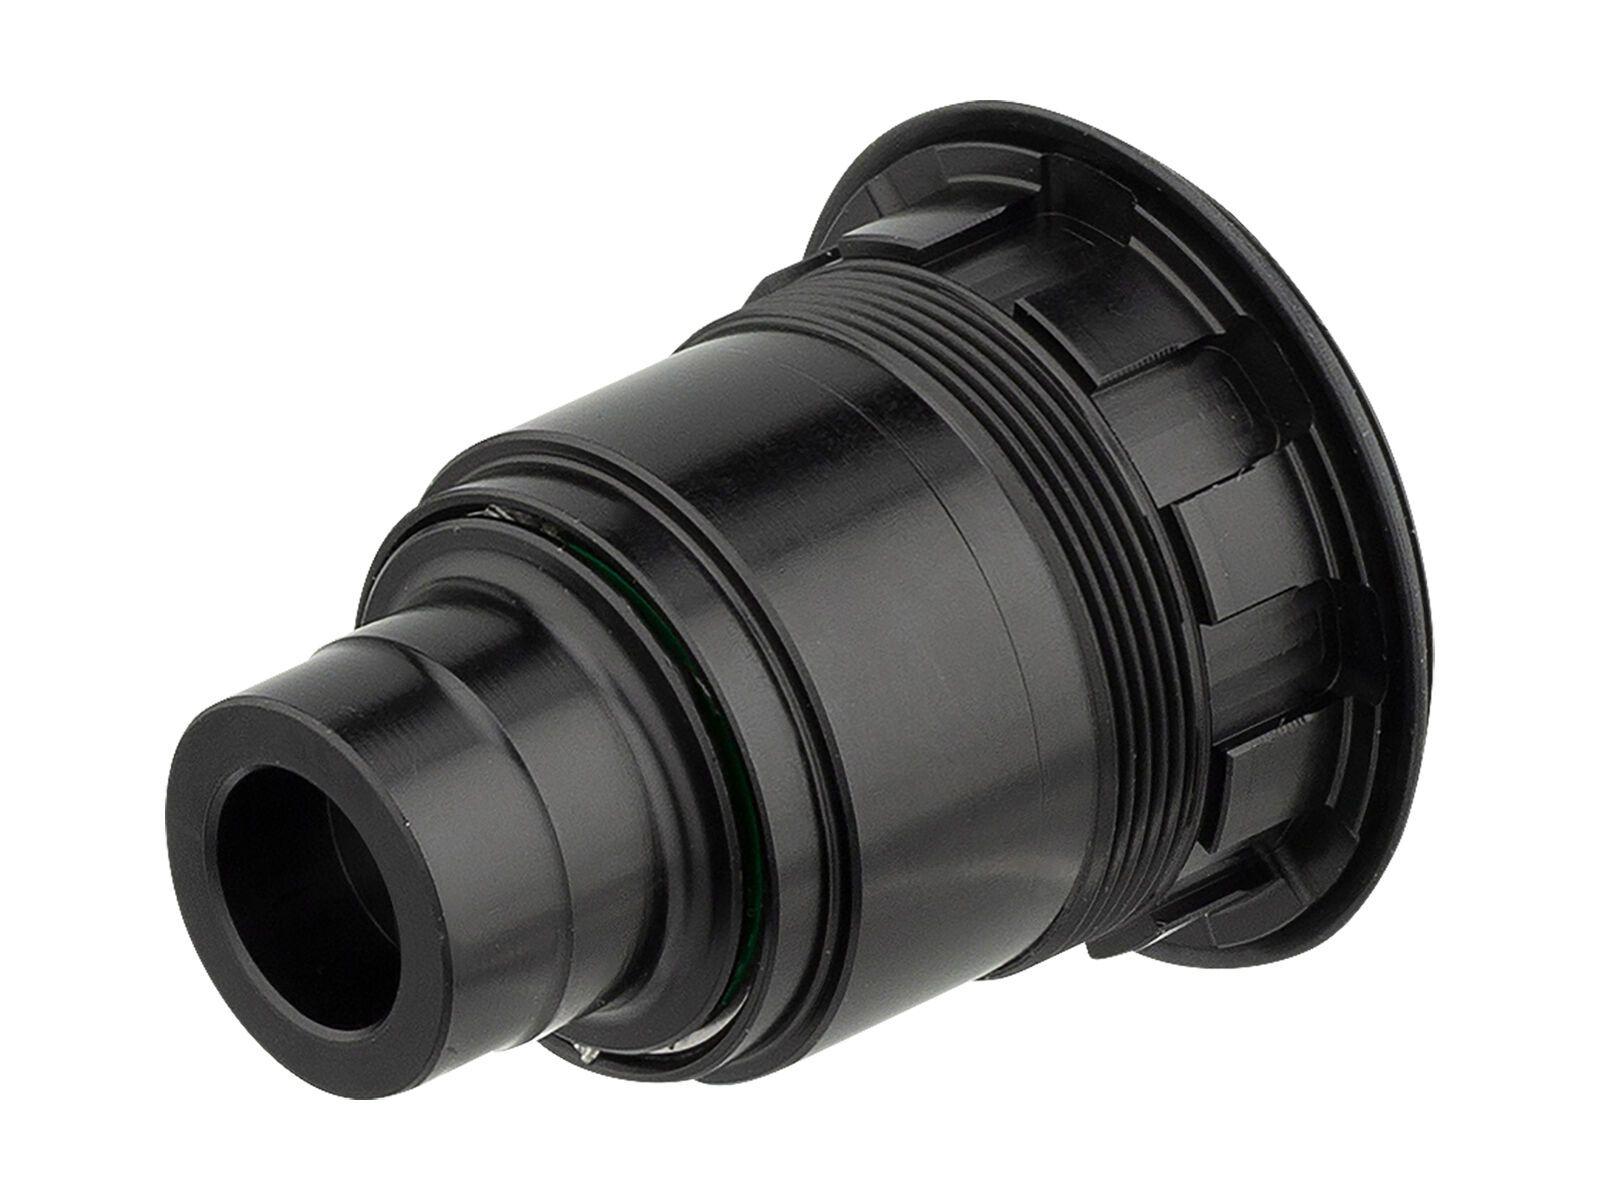 Newmen Freewheel Road SRAM XDR Gen2 black anodizing 904880000